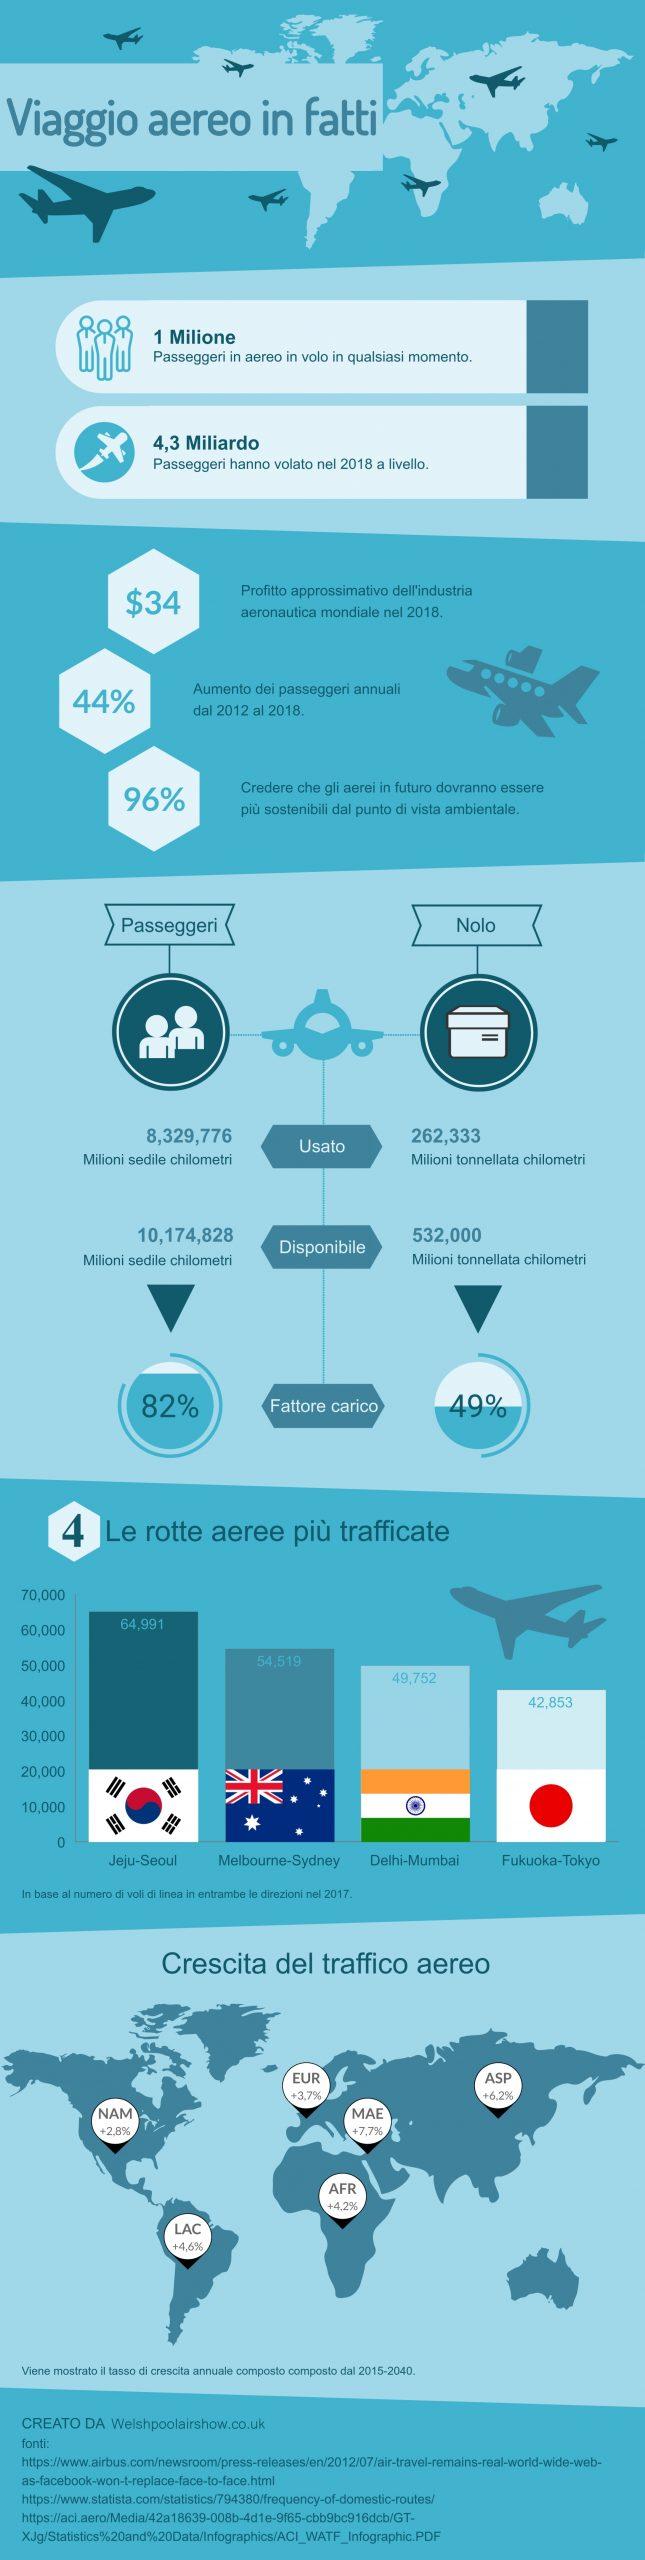 Viaggio aereo in fatti infografica